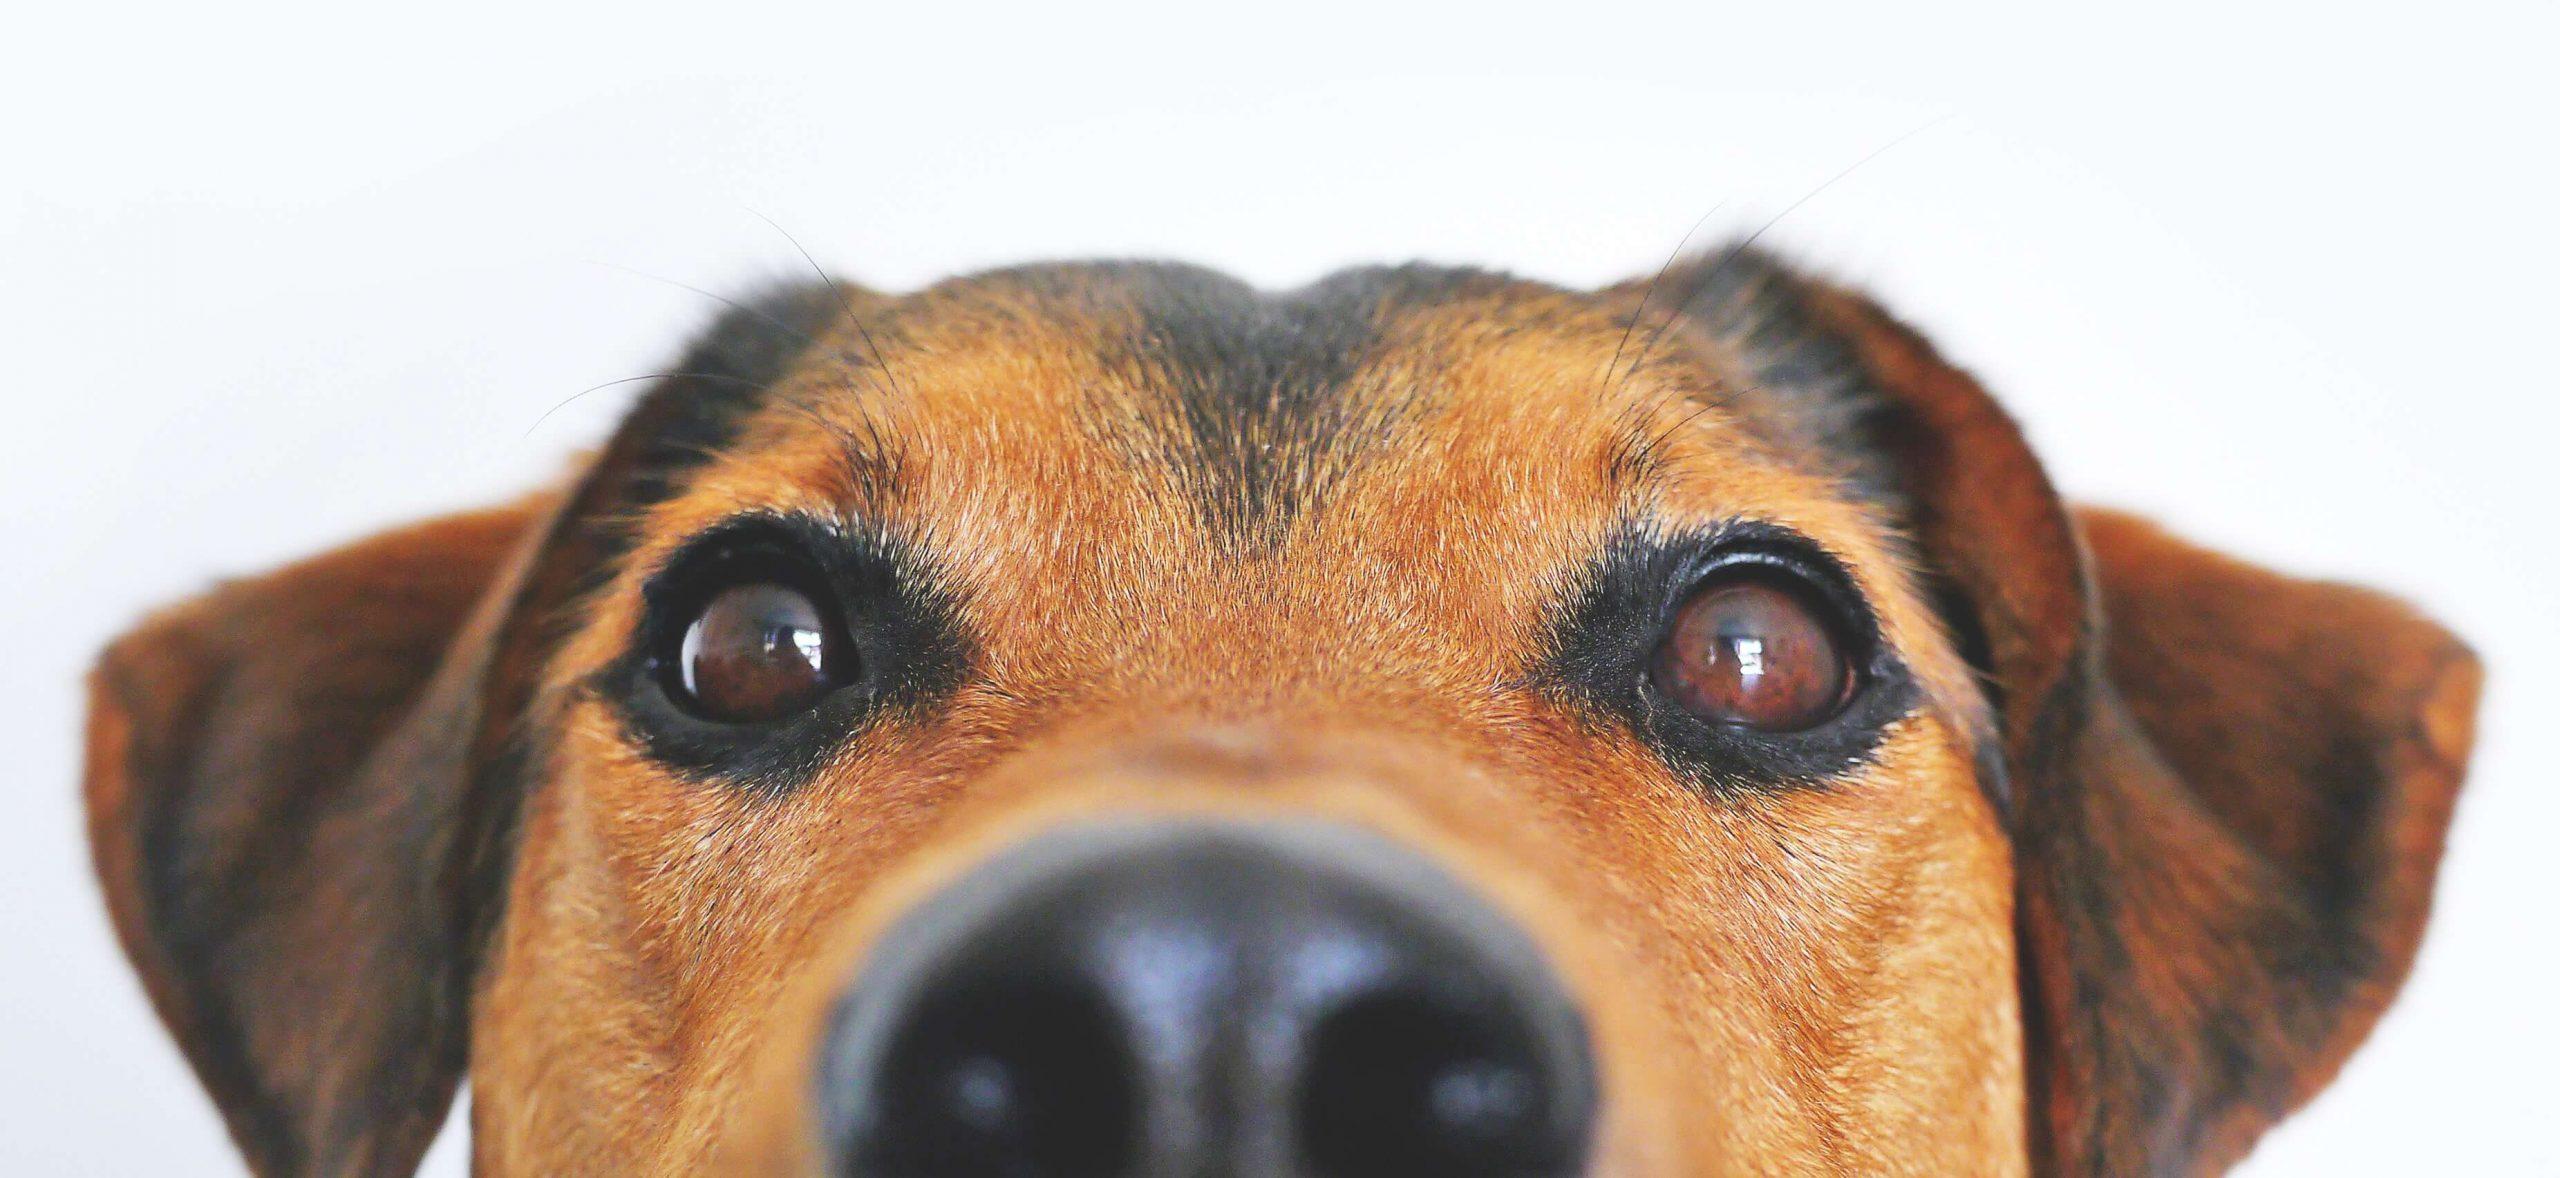 doggy-eyes